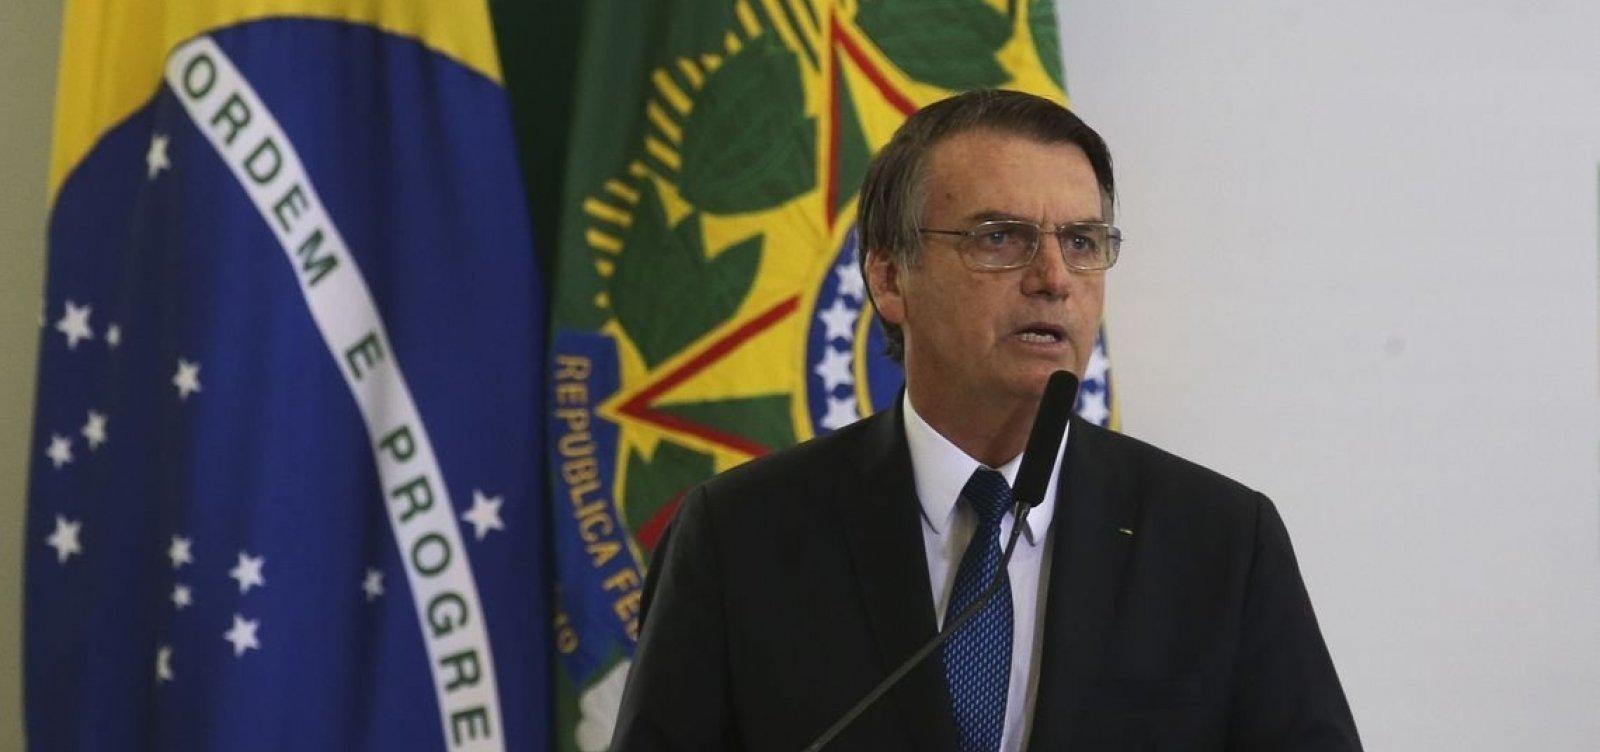 Museu de Nova York cancela evento em homenagem a Bolsonaro